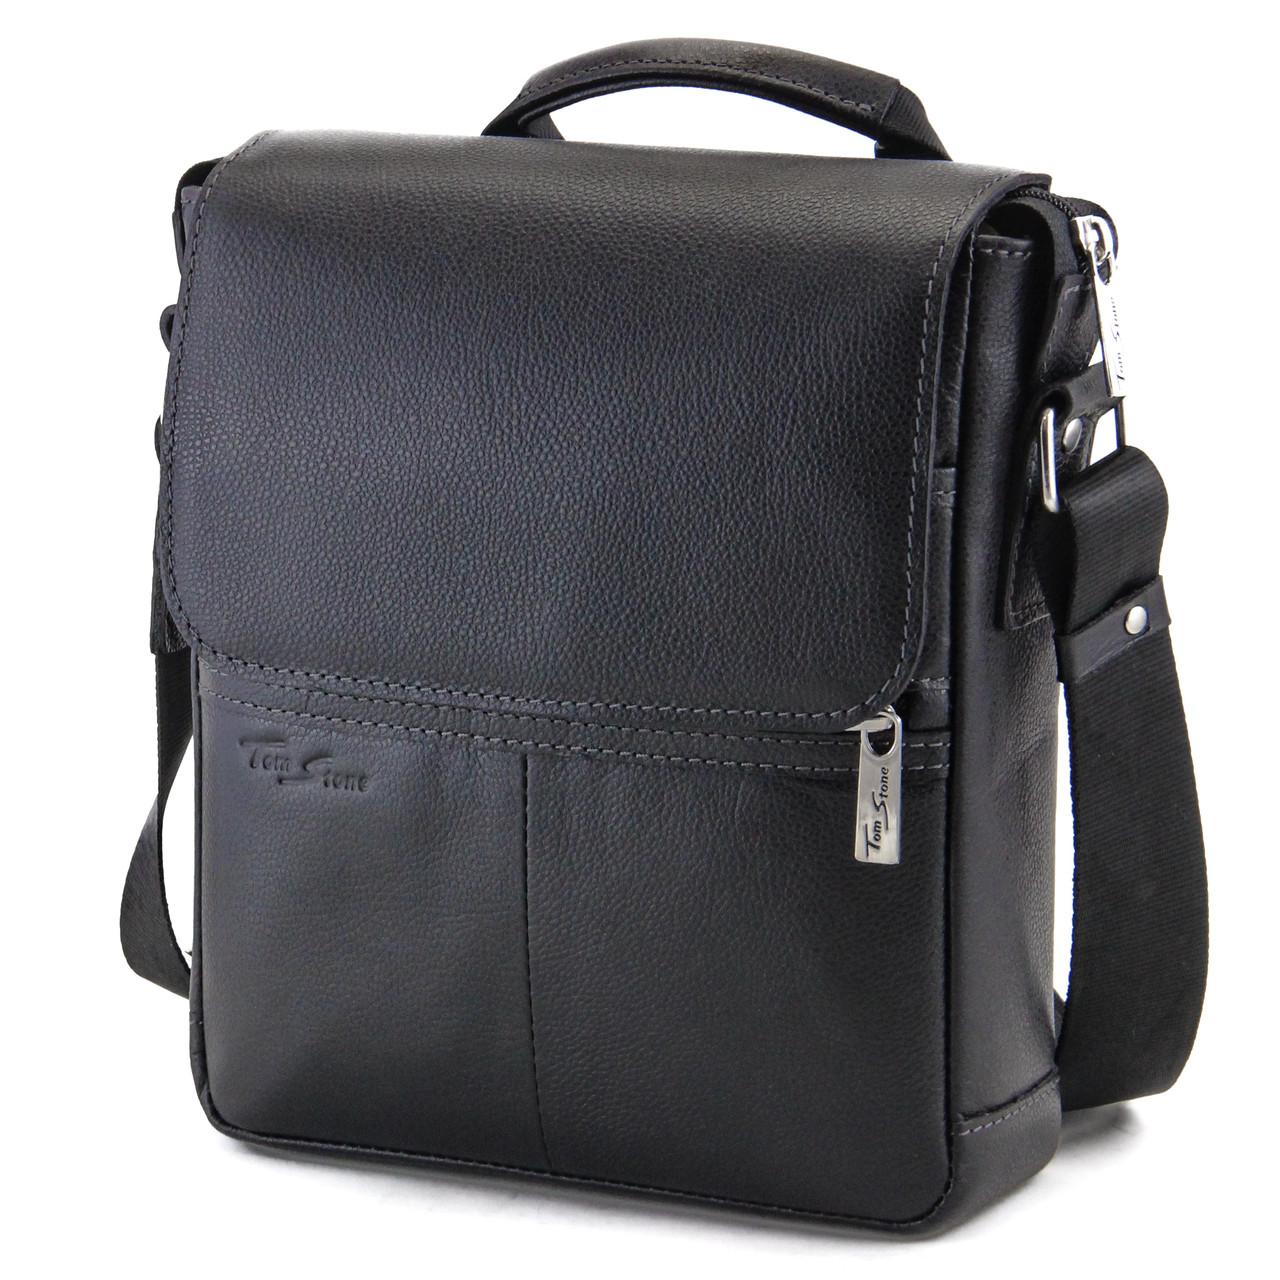 8364881168b2 Мужская кожаная сумка с ручкой Tom Stone, цена 2 350 грн., купить в ...